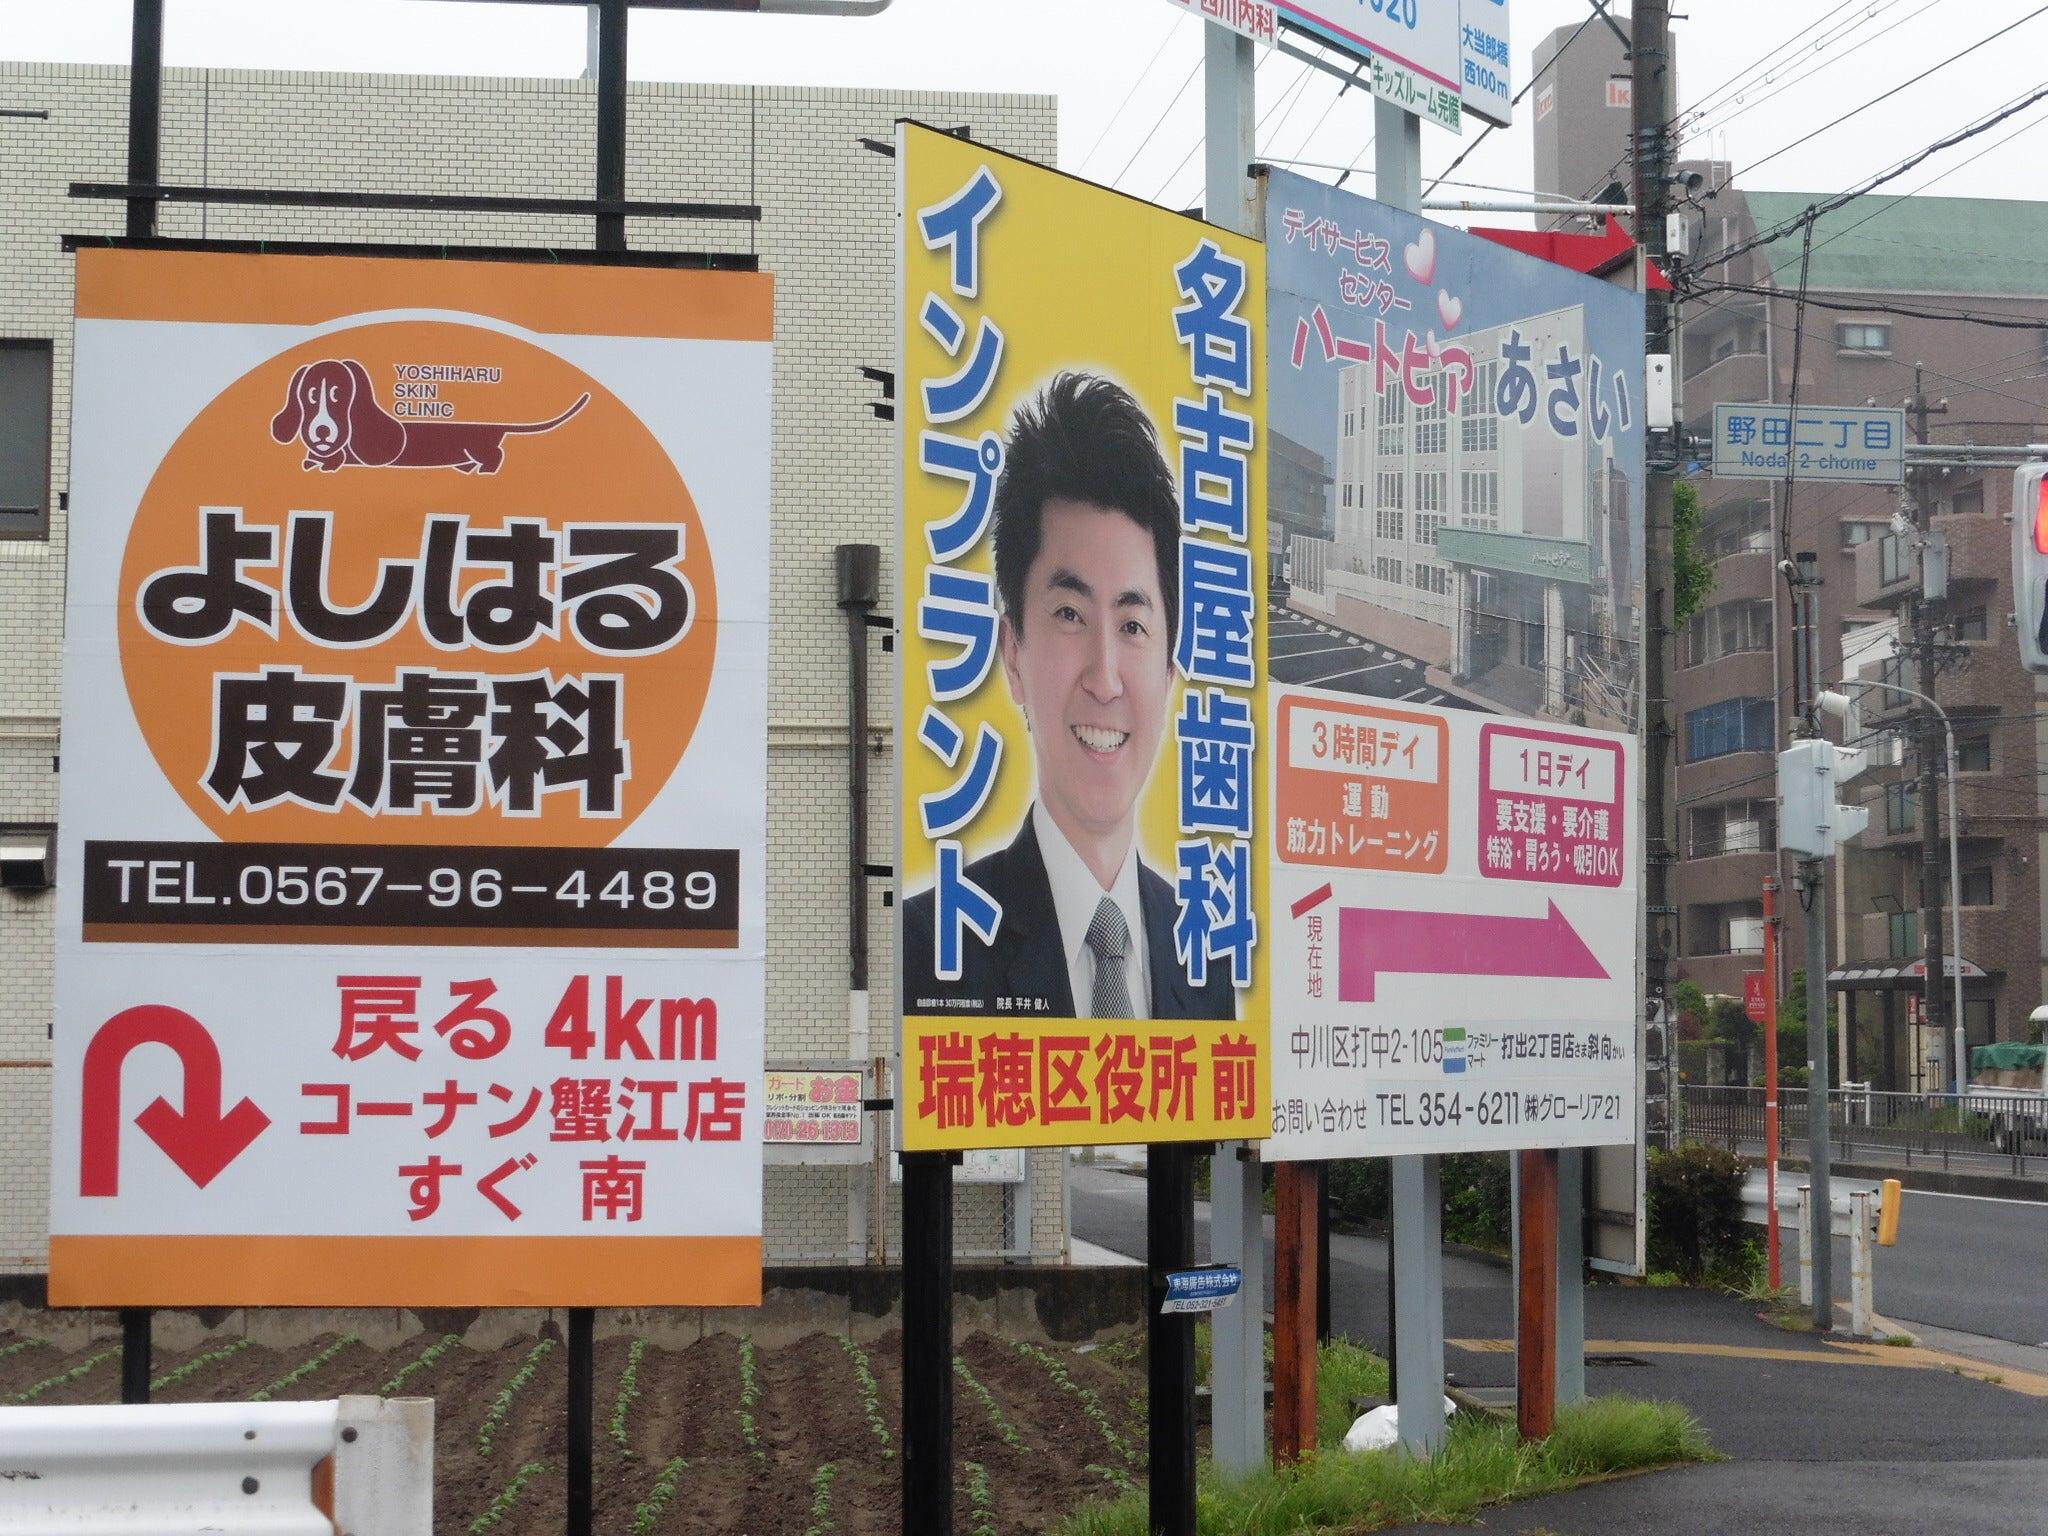 蟹江 コーナン